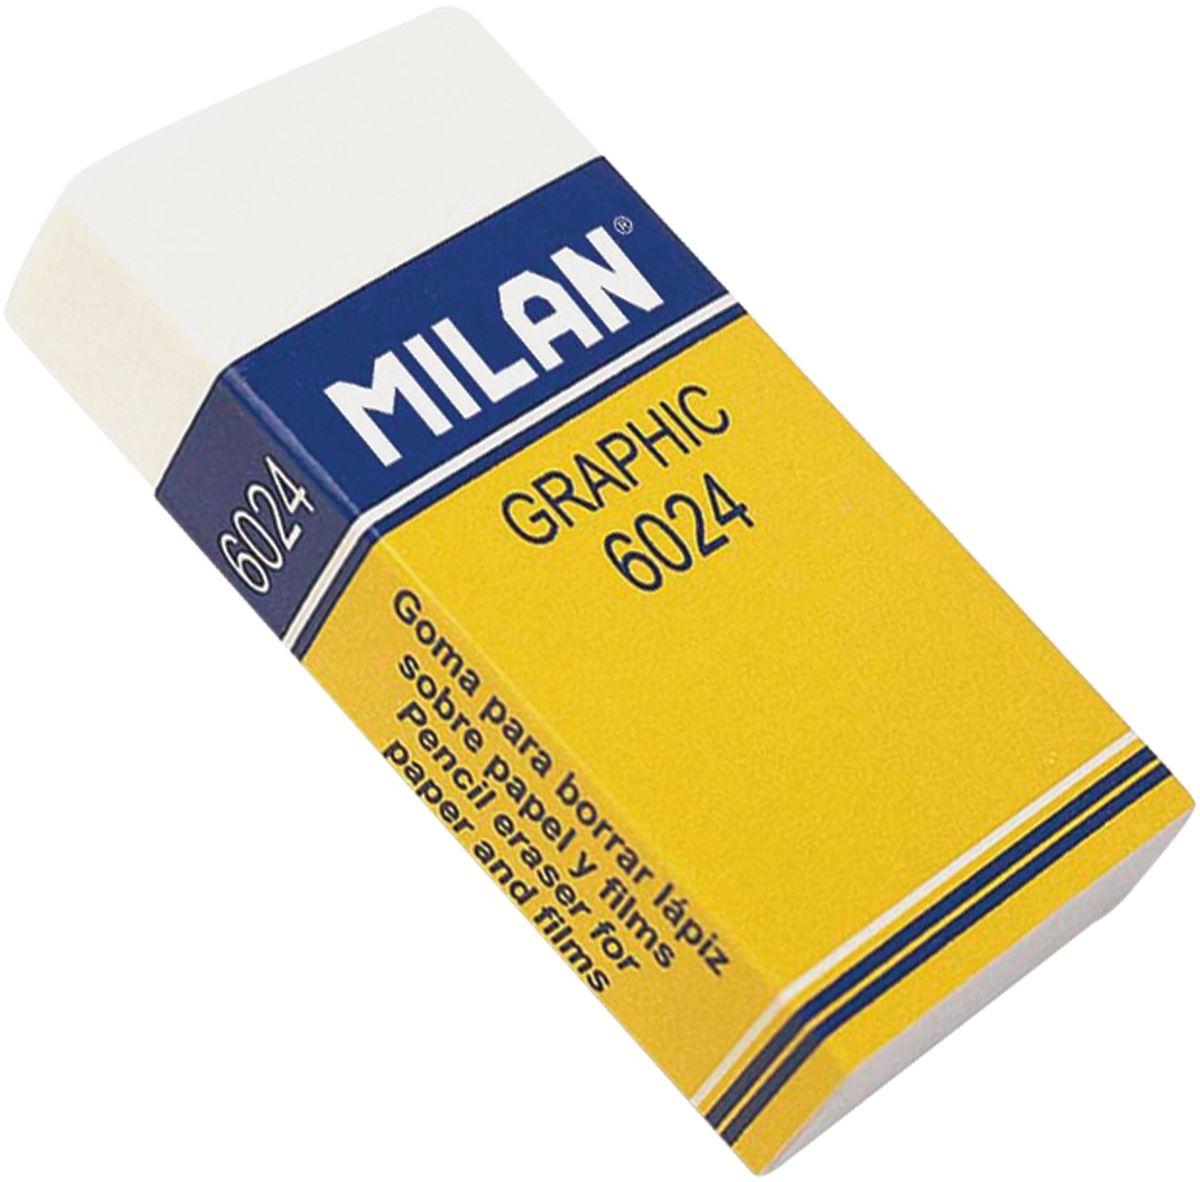 Milan Ластик Graphic 6024 прямоугольный